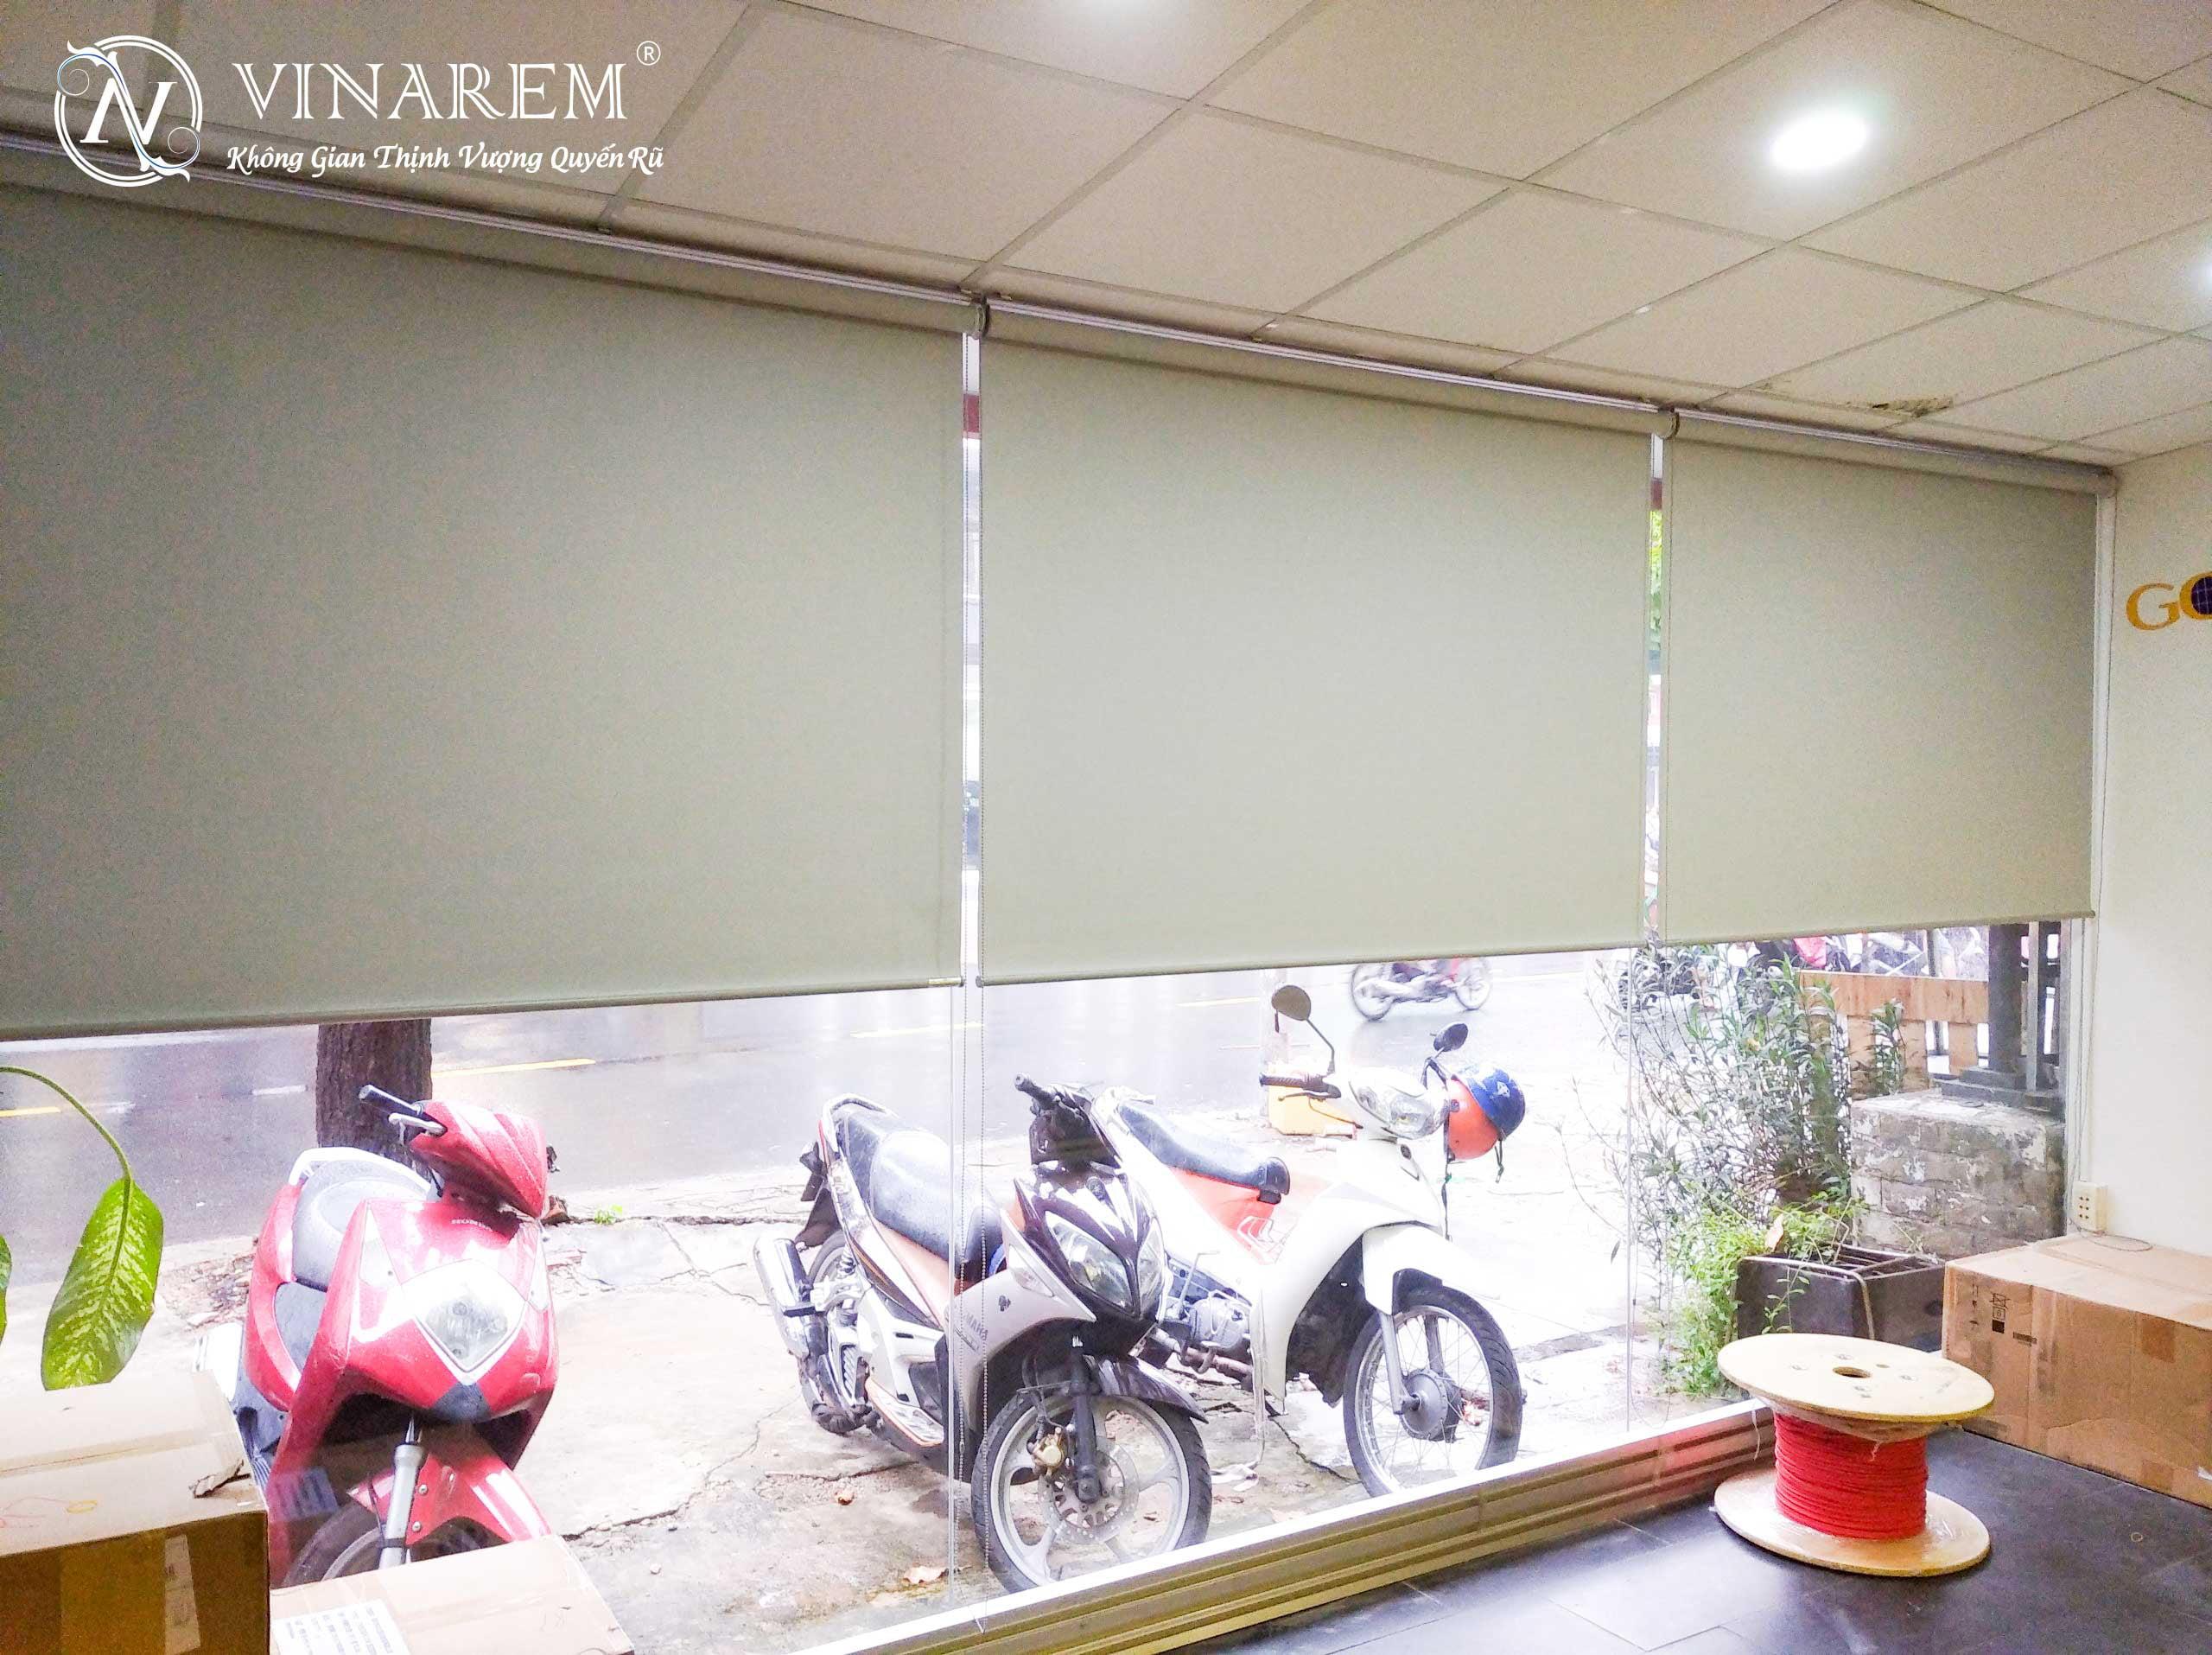 Rèm cuốn màu xám sang trọng thanh lịch cho cửa hàng thời trang | Vinarem